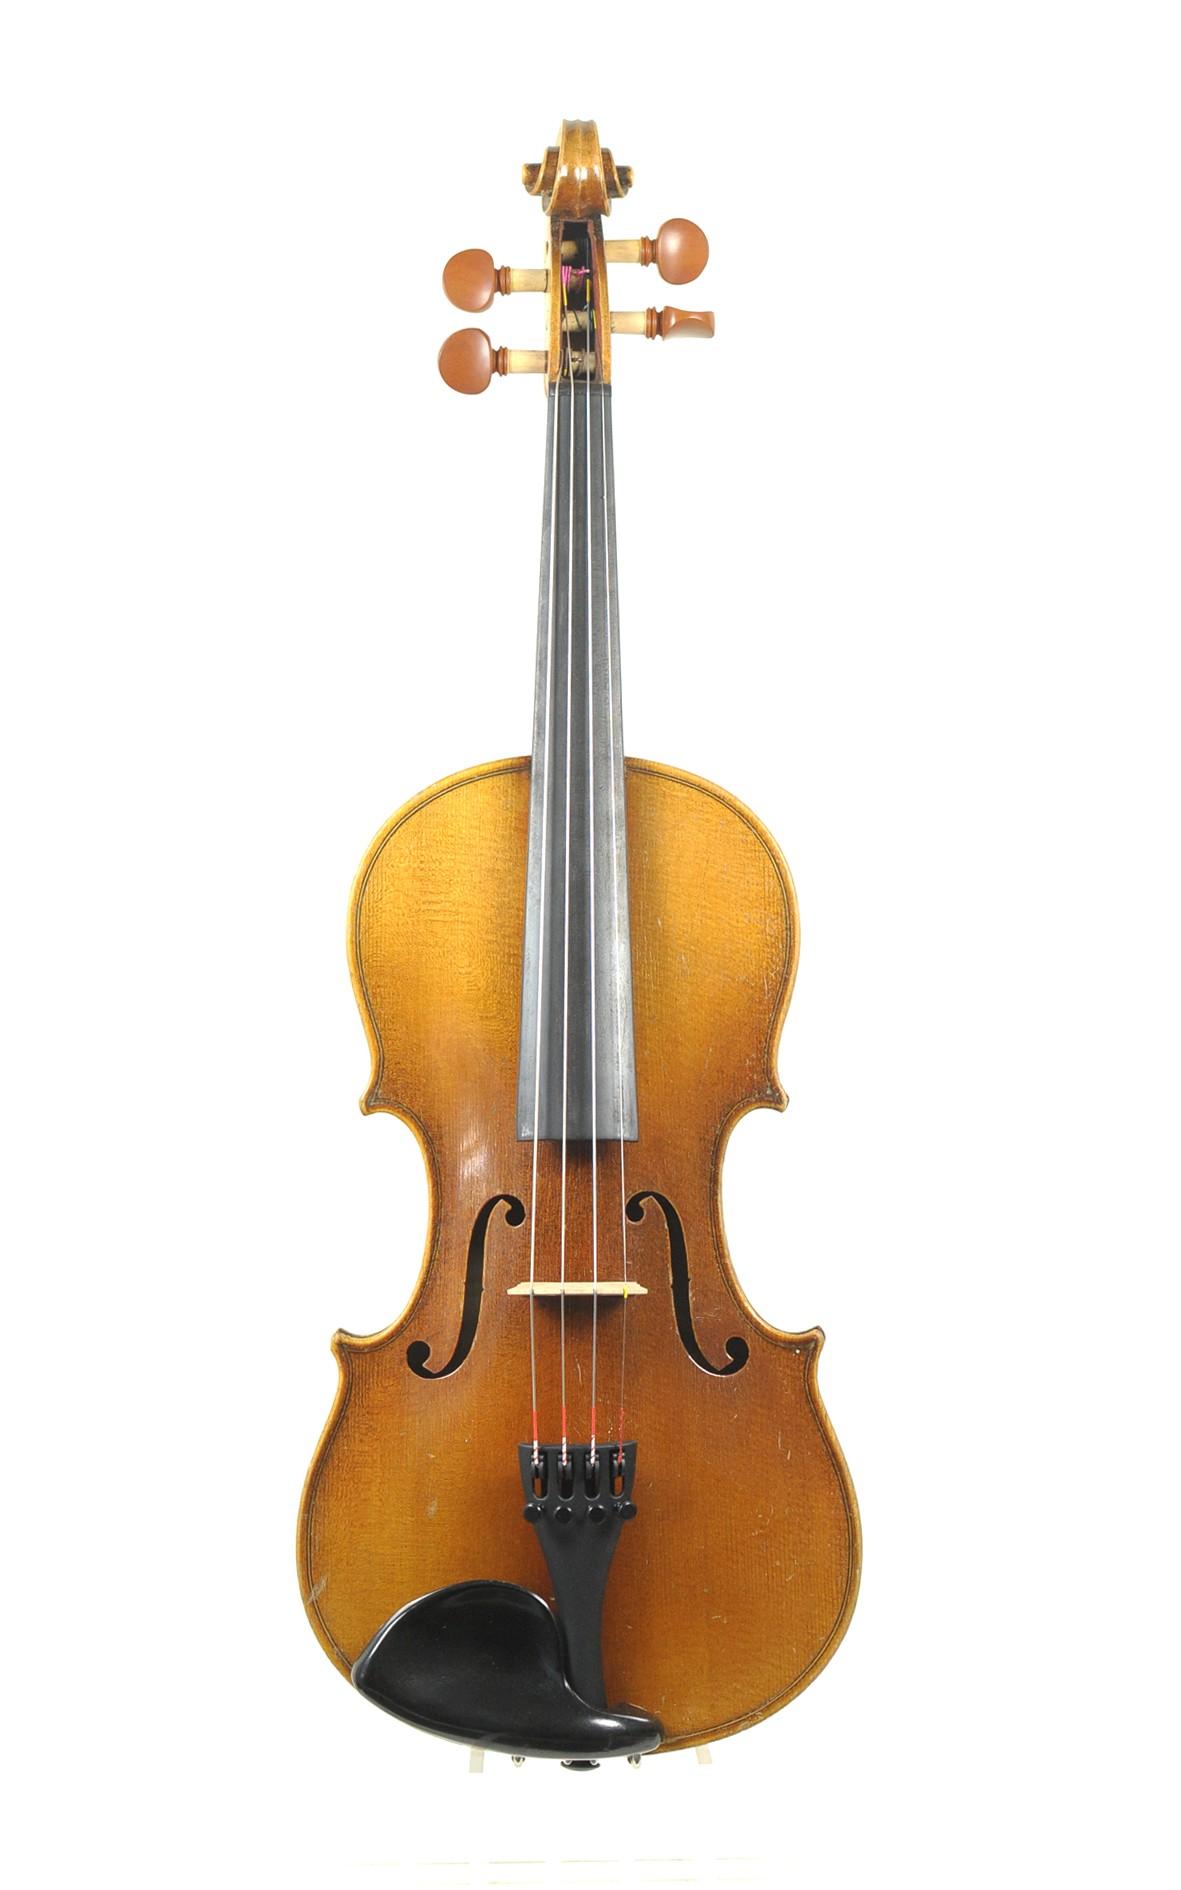 3/4 Markneukirchen violin